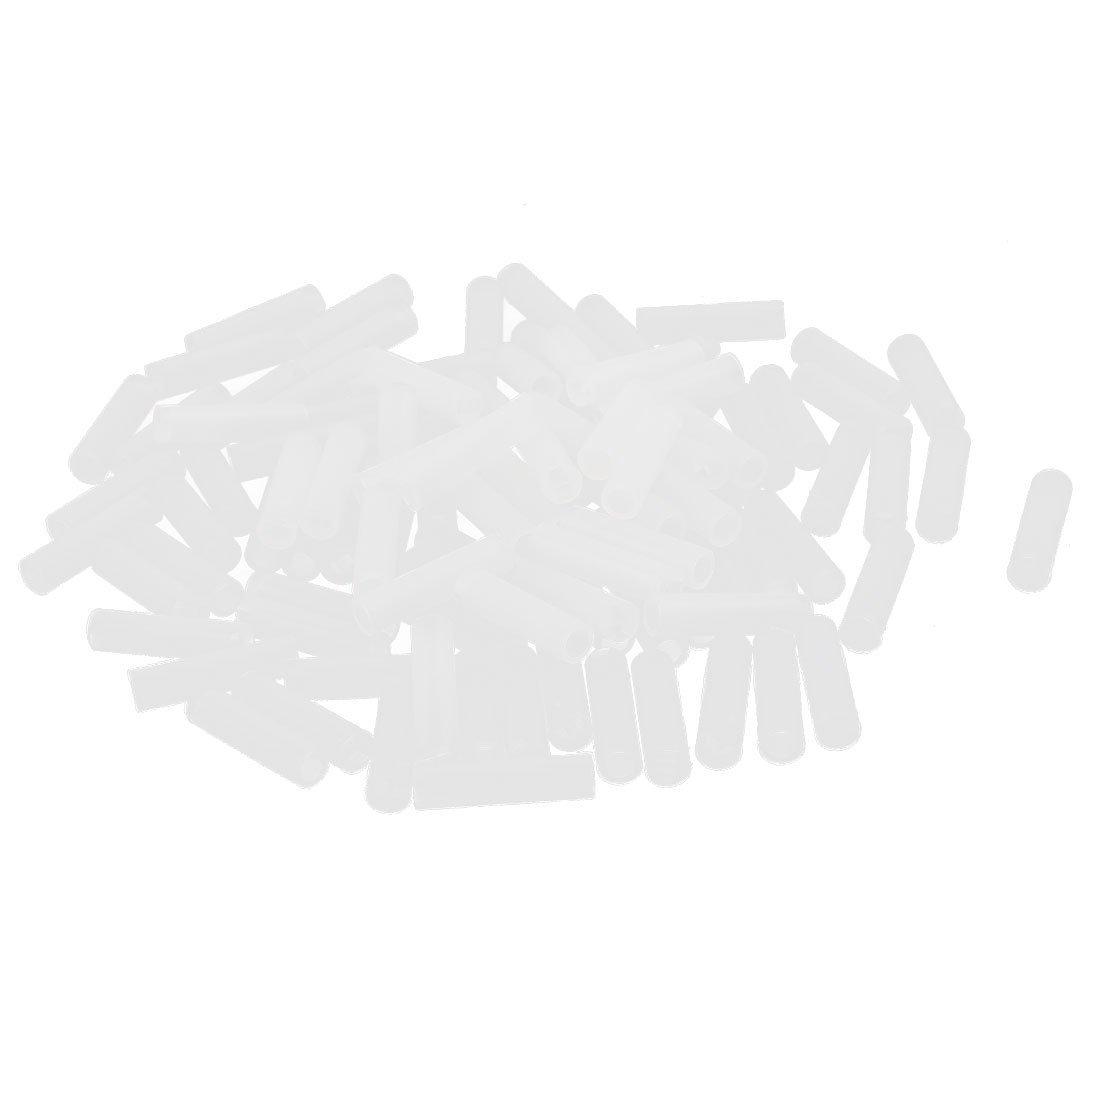 100Pcs 3mm White Nylon LED Spacer Mount Support Holder 16mm Length DealMux DLM-B00X7C65N4